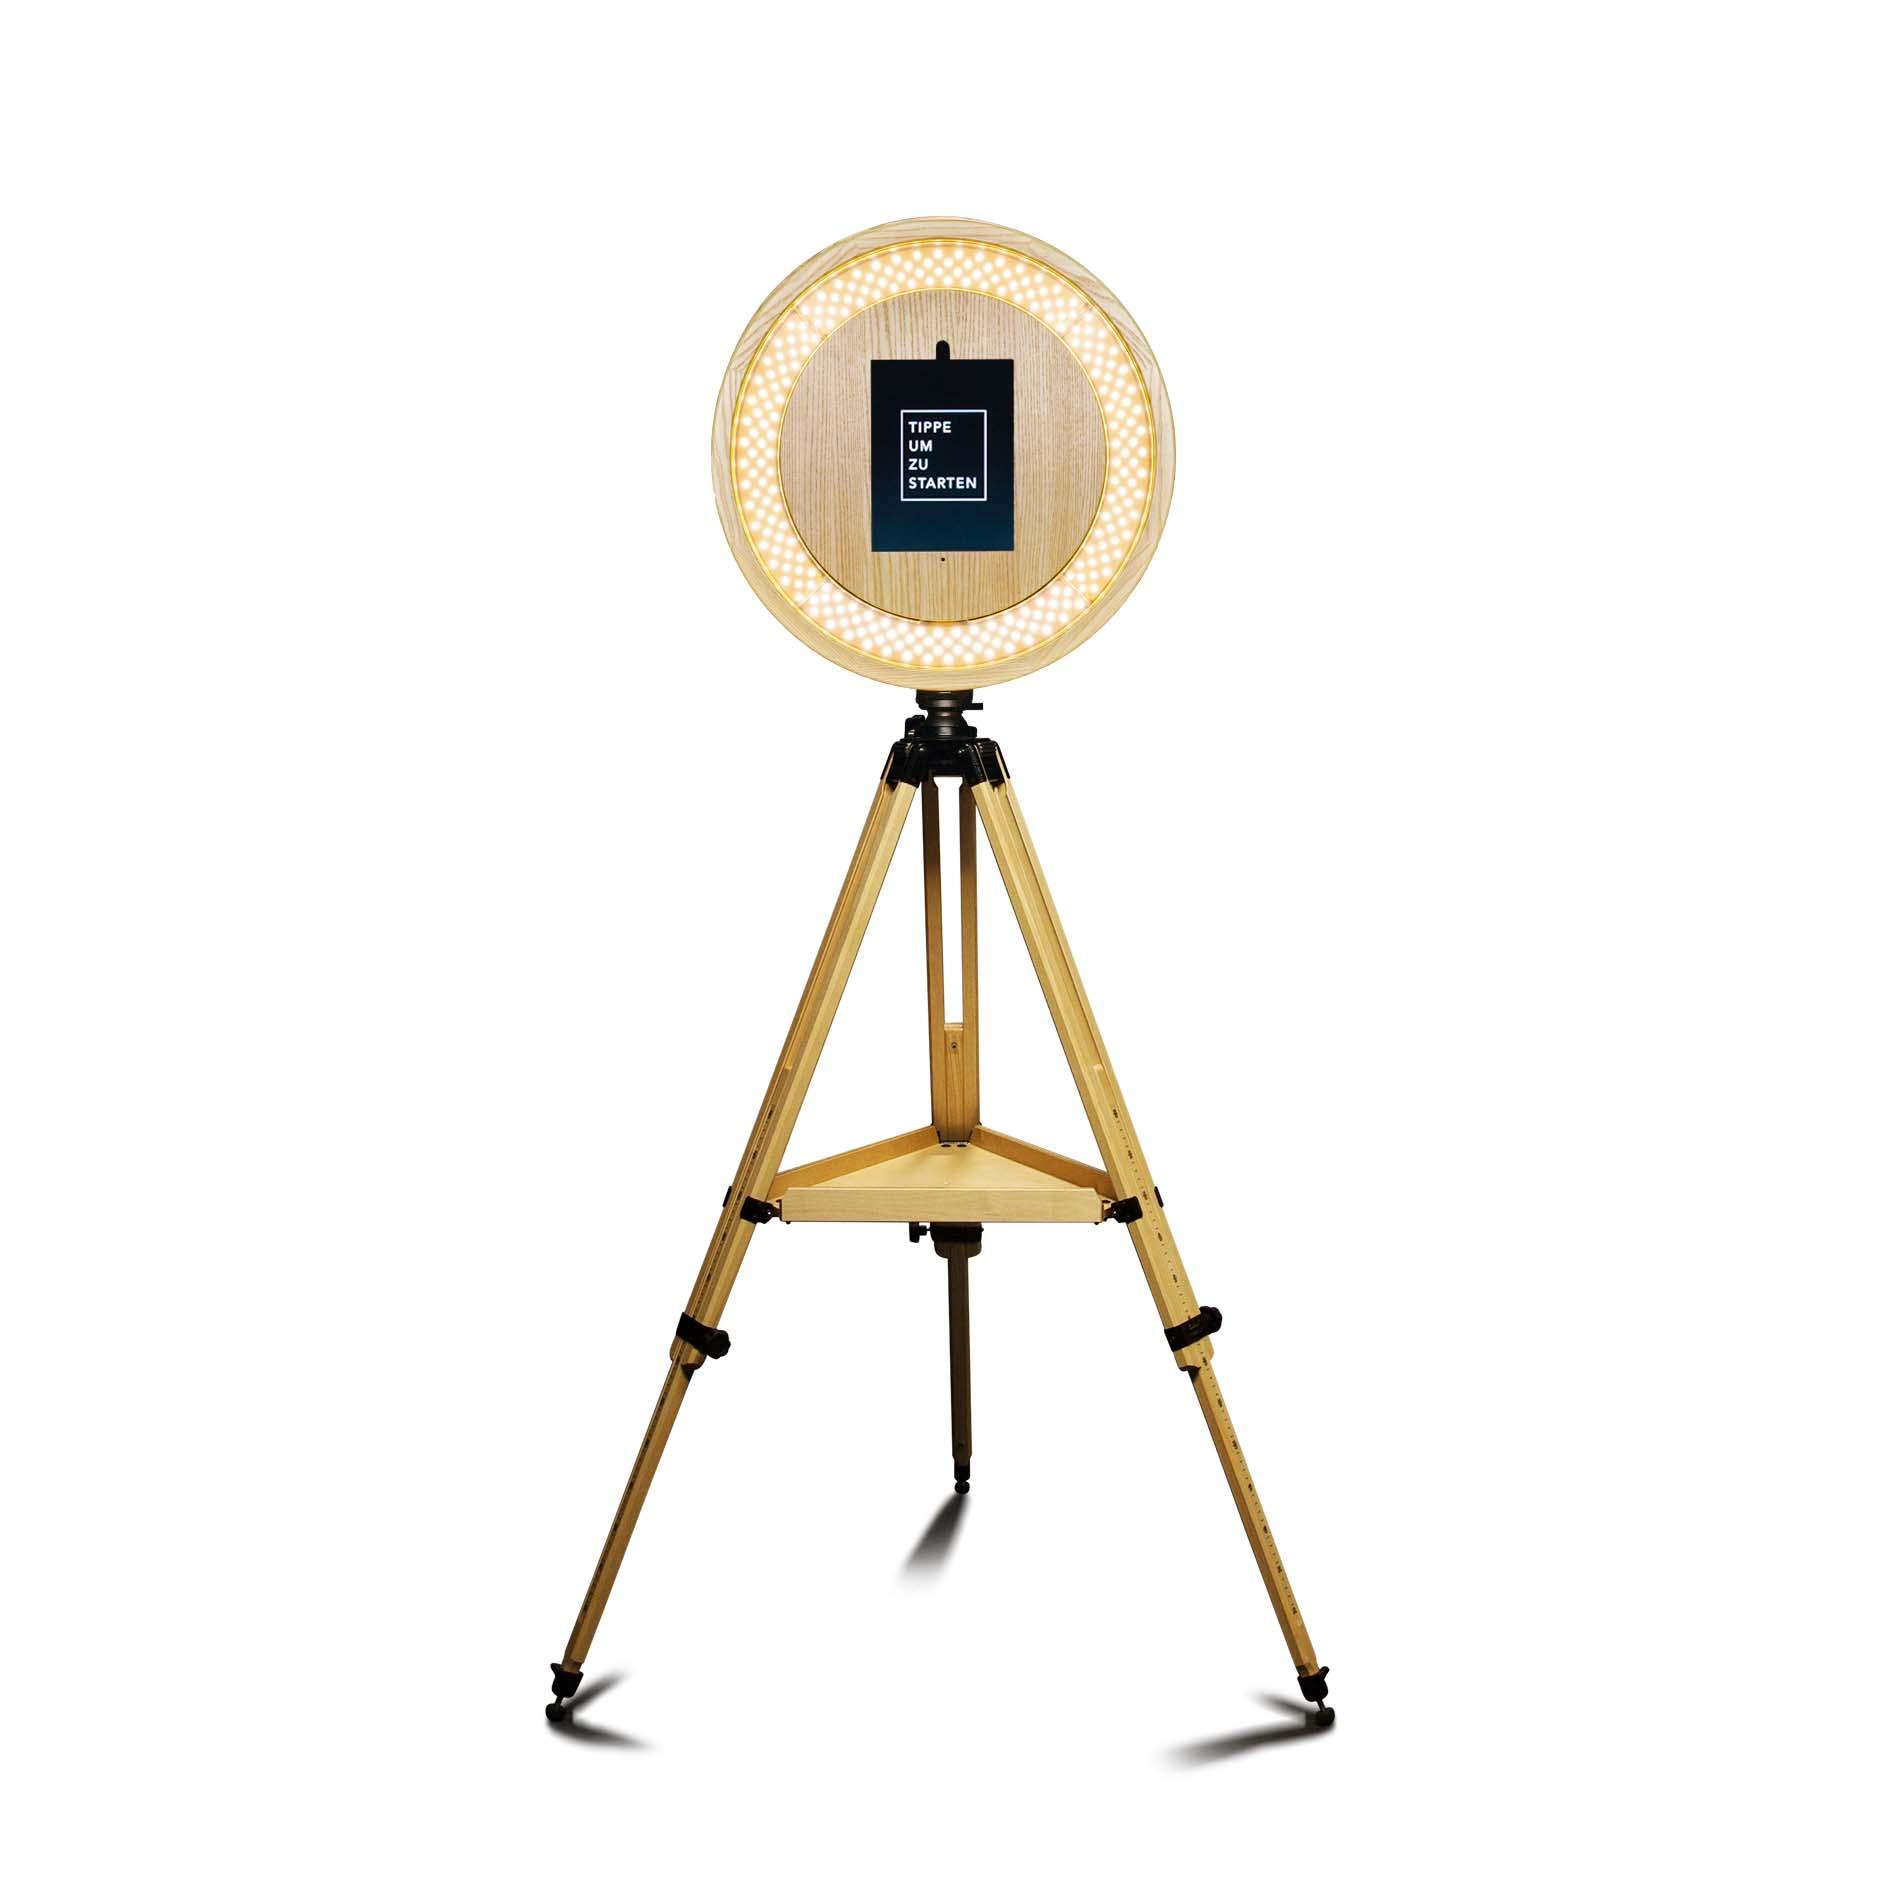 Fotobox 2.0 - - Fotobox im edlen Holz-Look- integriertes Ringlicht für Beauty-Beleuchtung- standortunabhängig, da akkubetrieben- erzeugt die aus Instagram bekannten Boomerangs- SMS- und eMail-Versand - direkt aufs Handy!- optional: kabelloser Drucker im selben Holz-Design